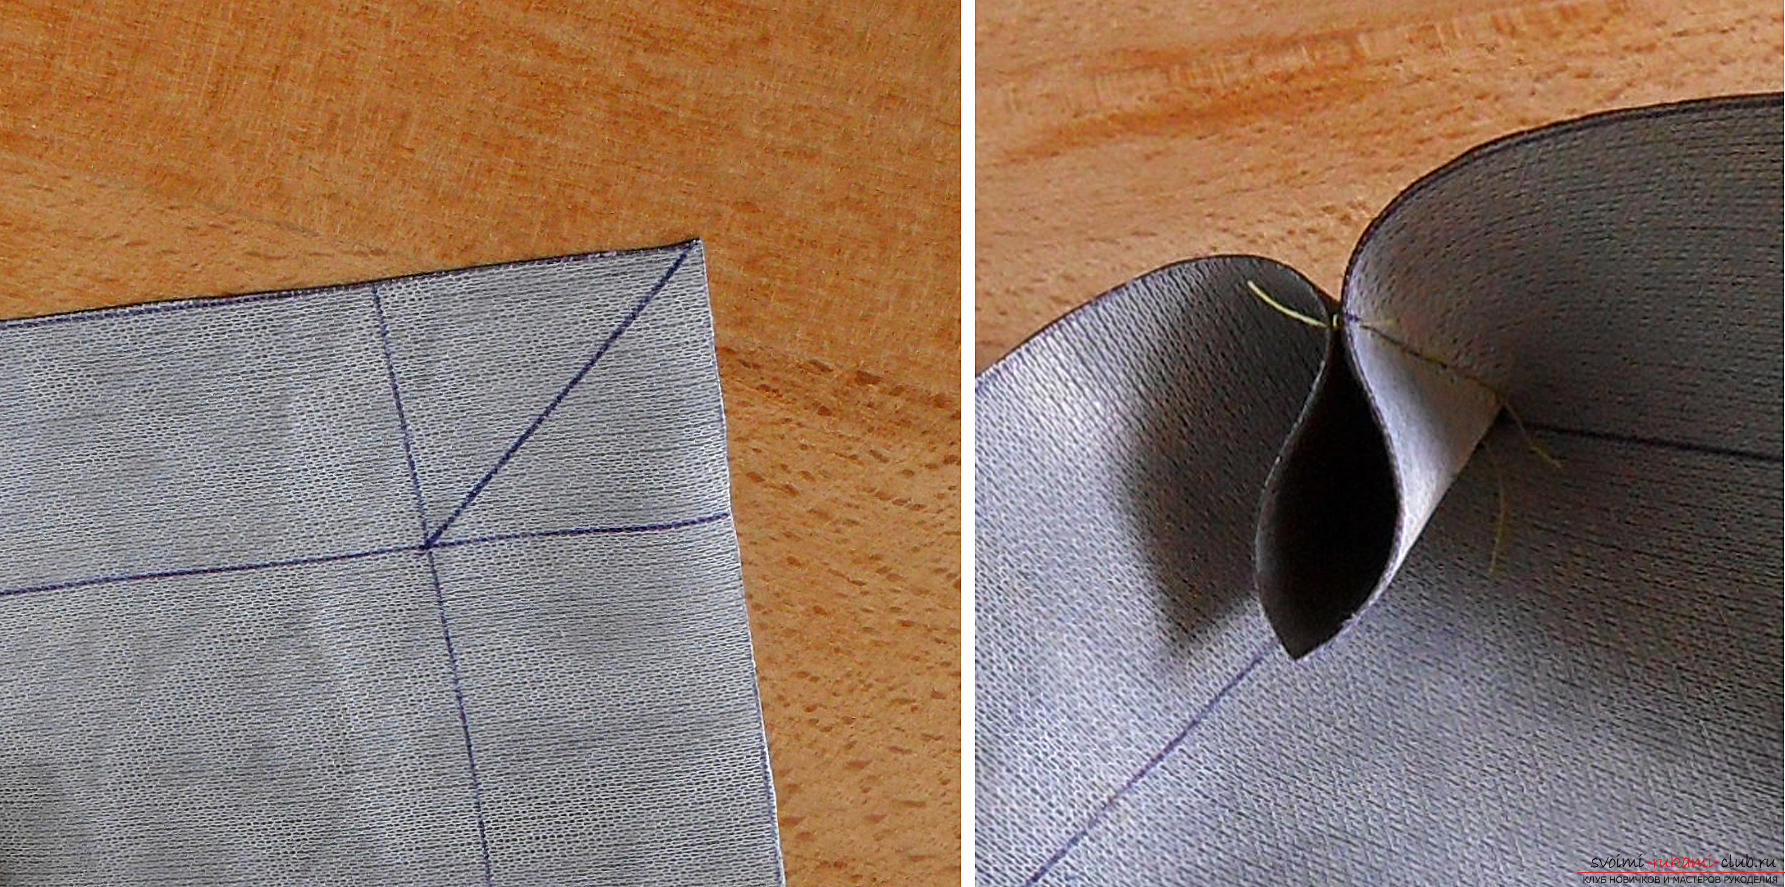 Урок по изготовлению табуретки с дерматиновым сиденьем своими руками, пошаговые рекомендации и фотографии